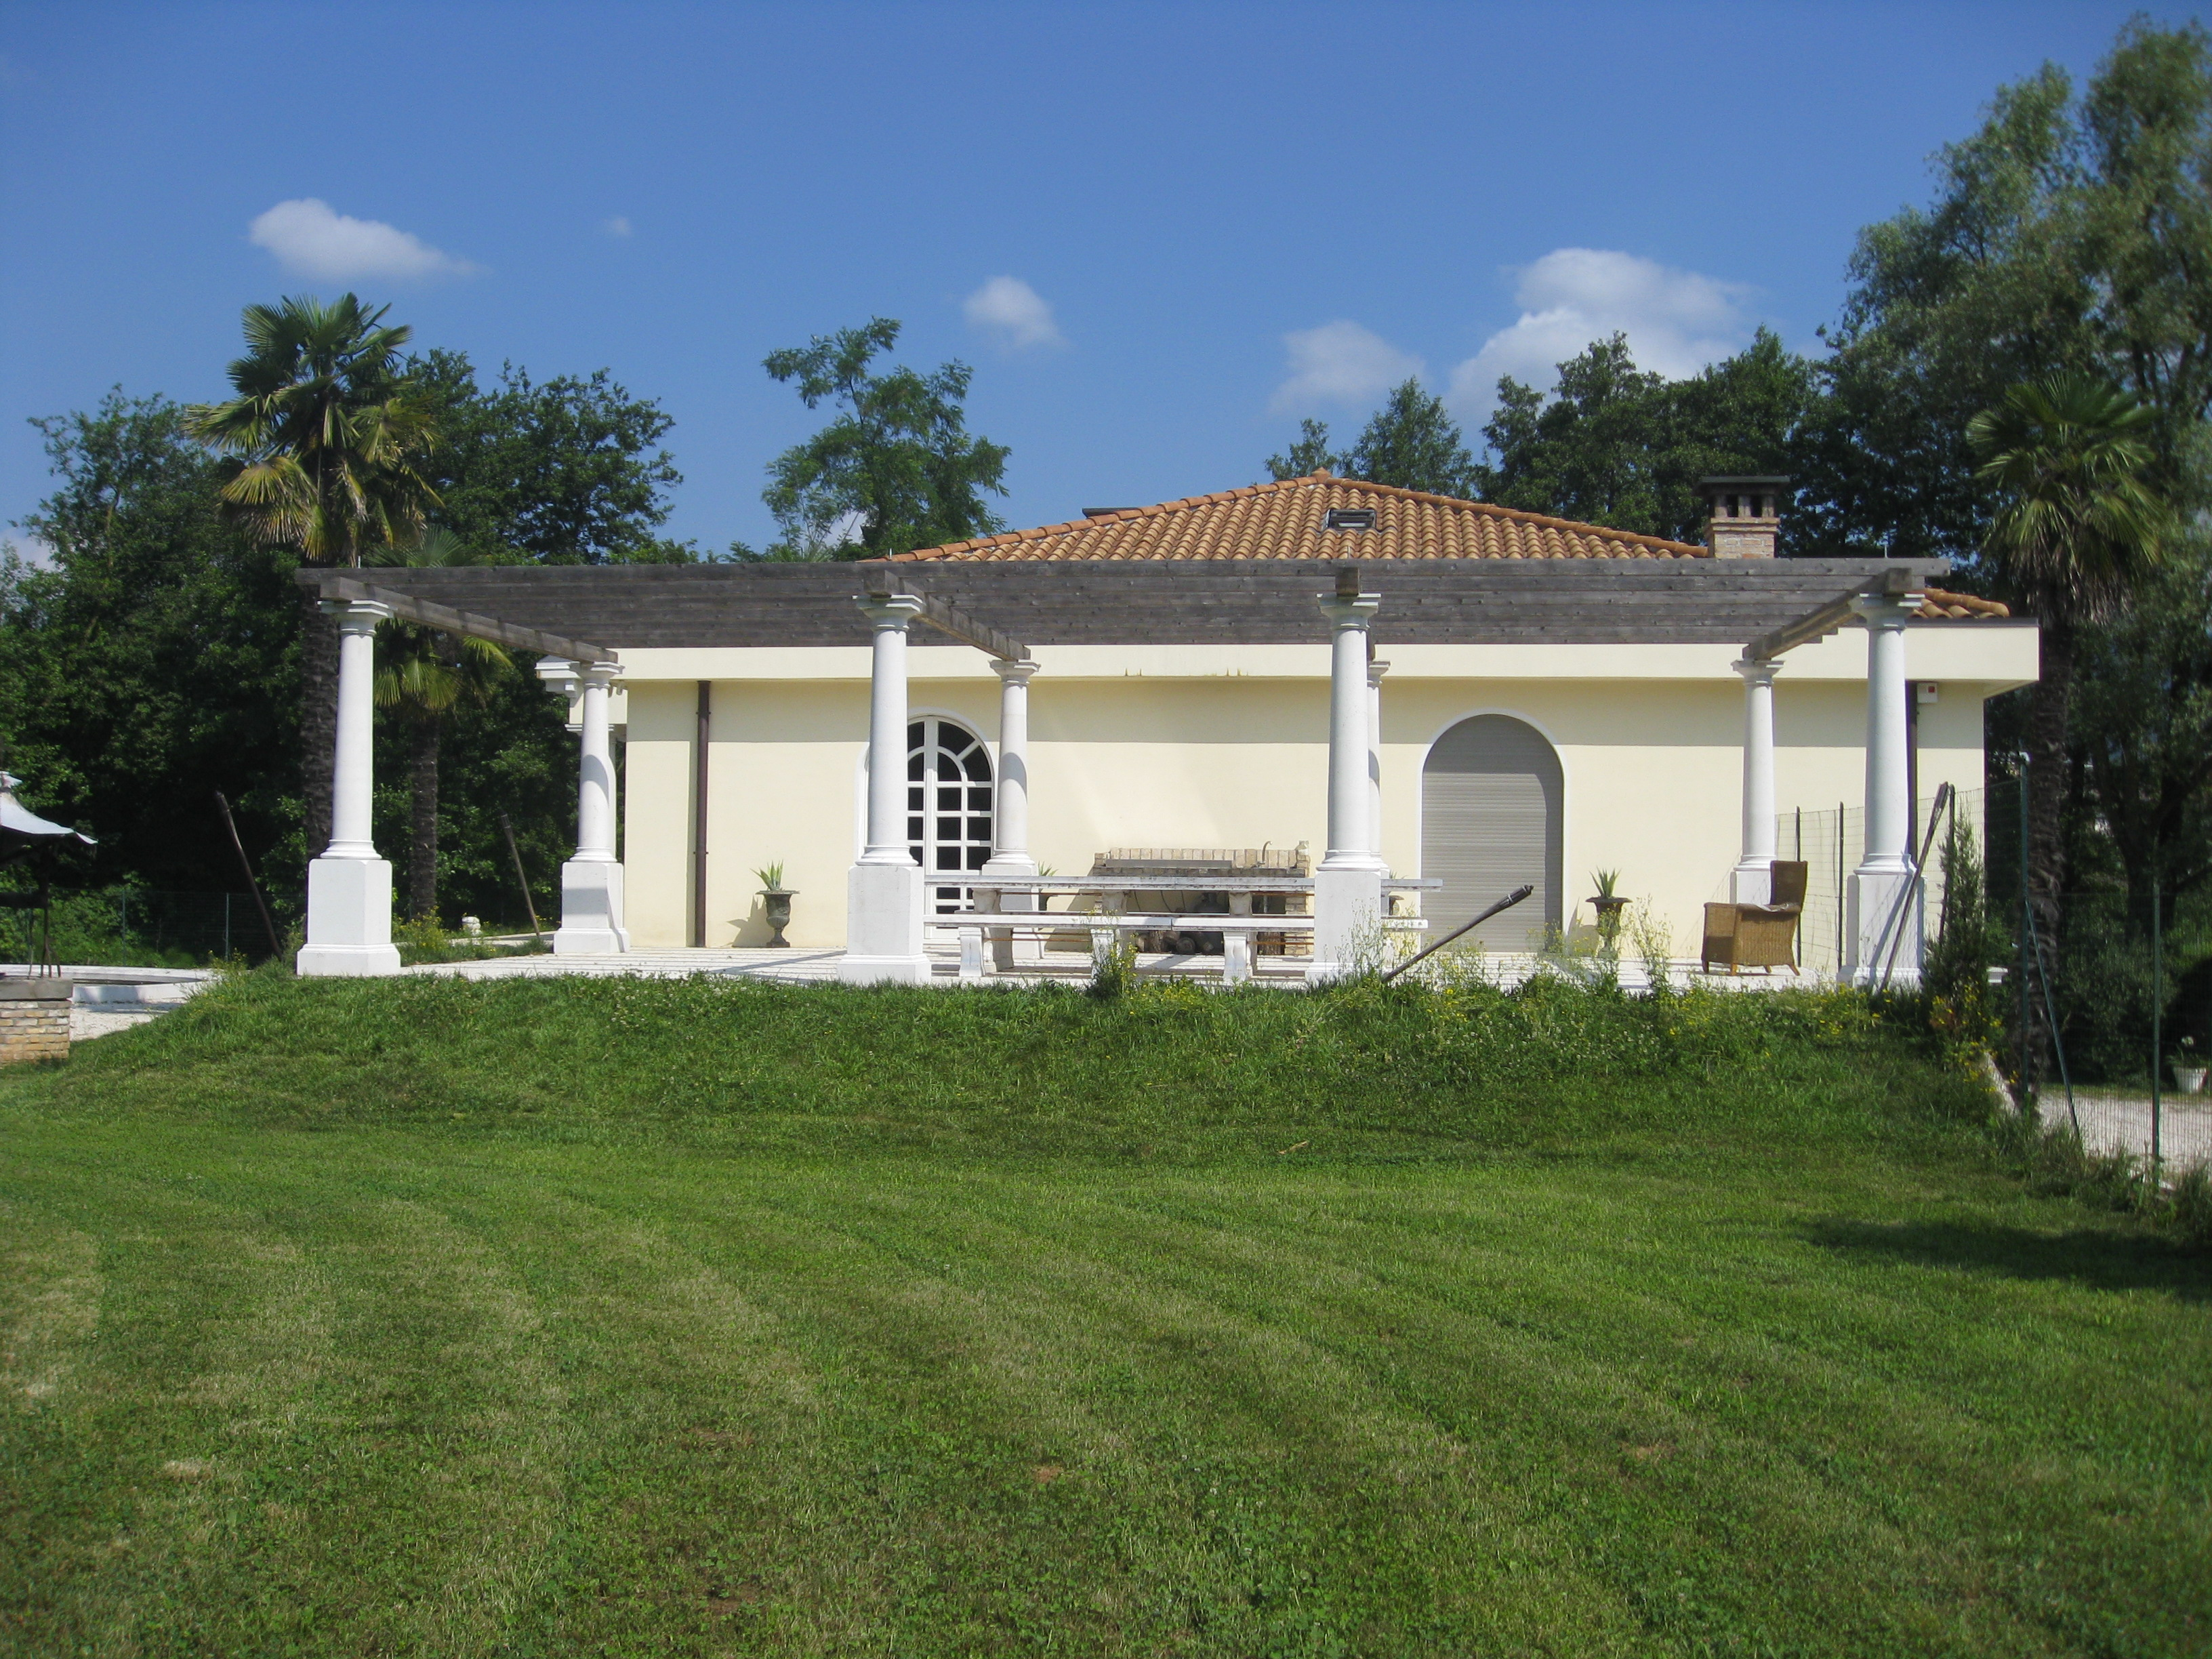 Villa in vendita bergamo bergamo bergamo for Solo affitti bergamo